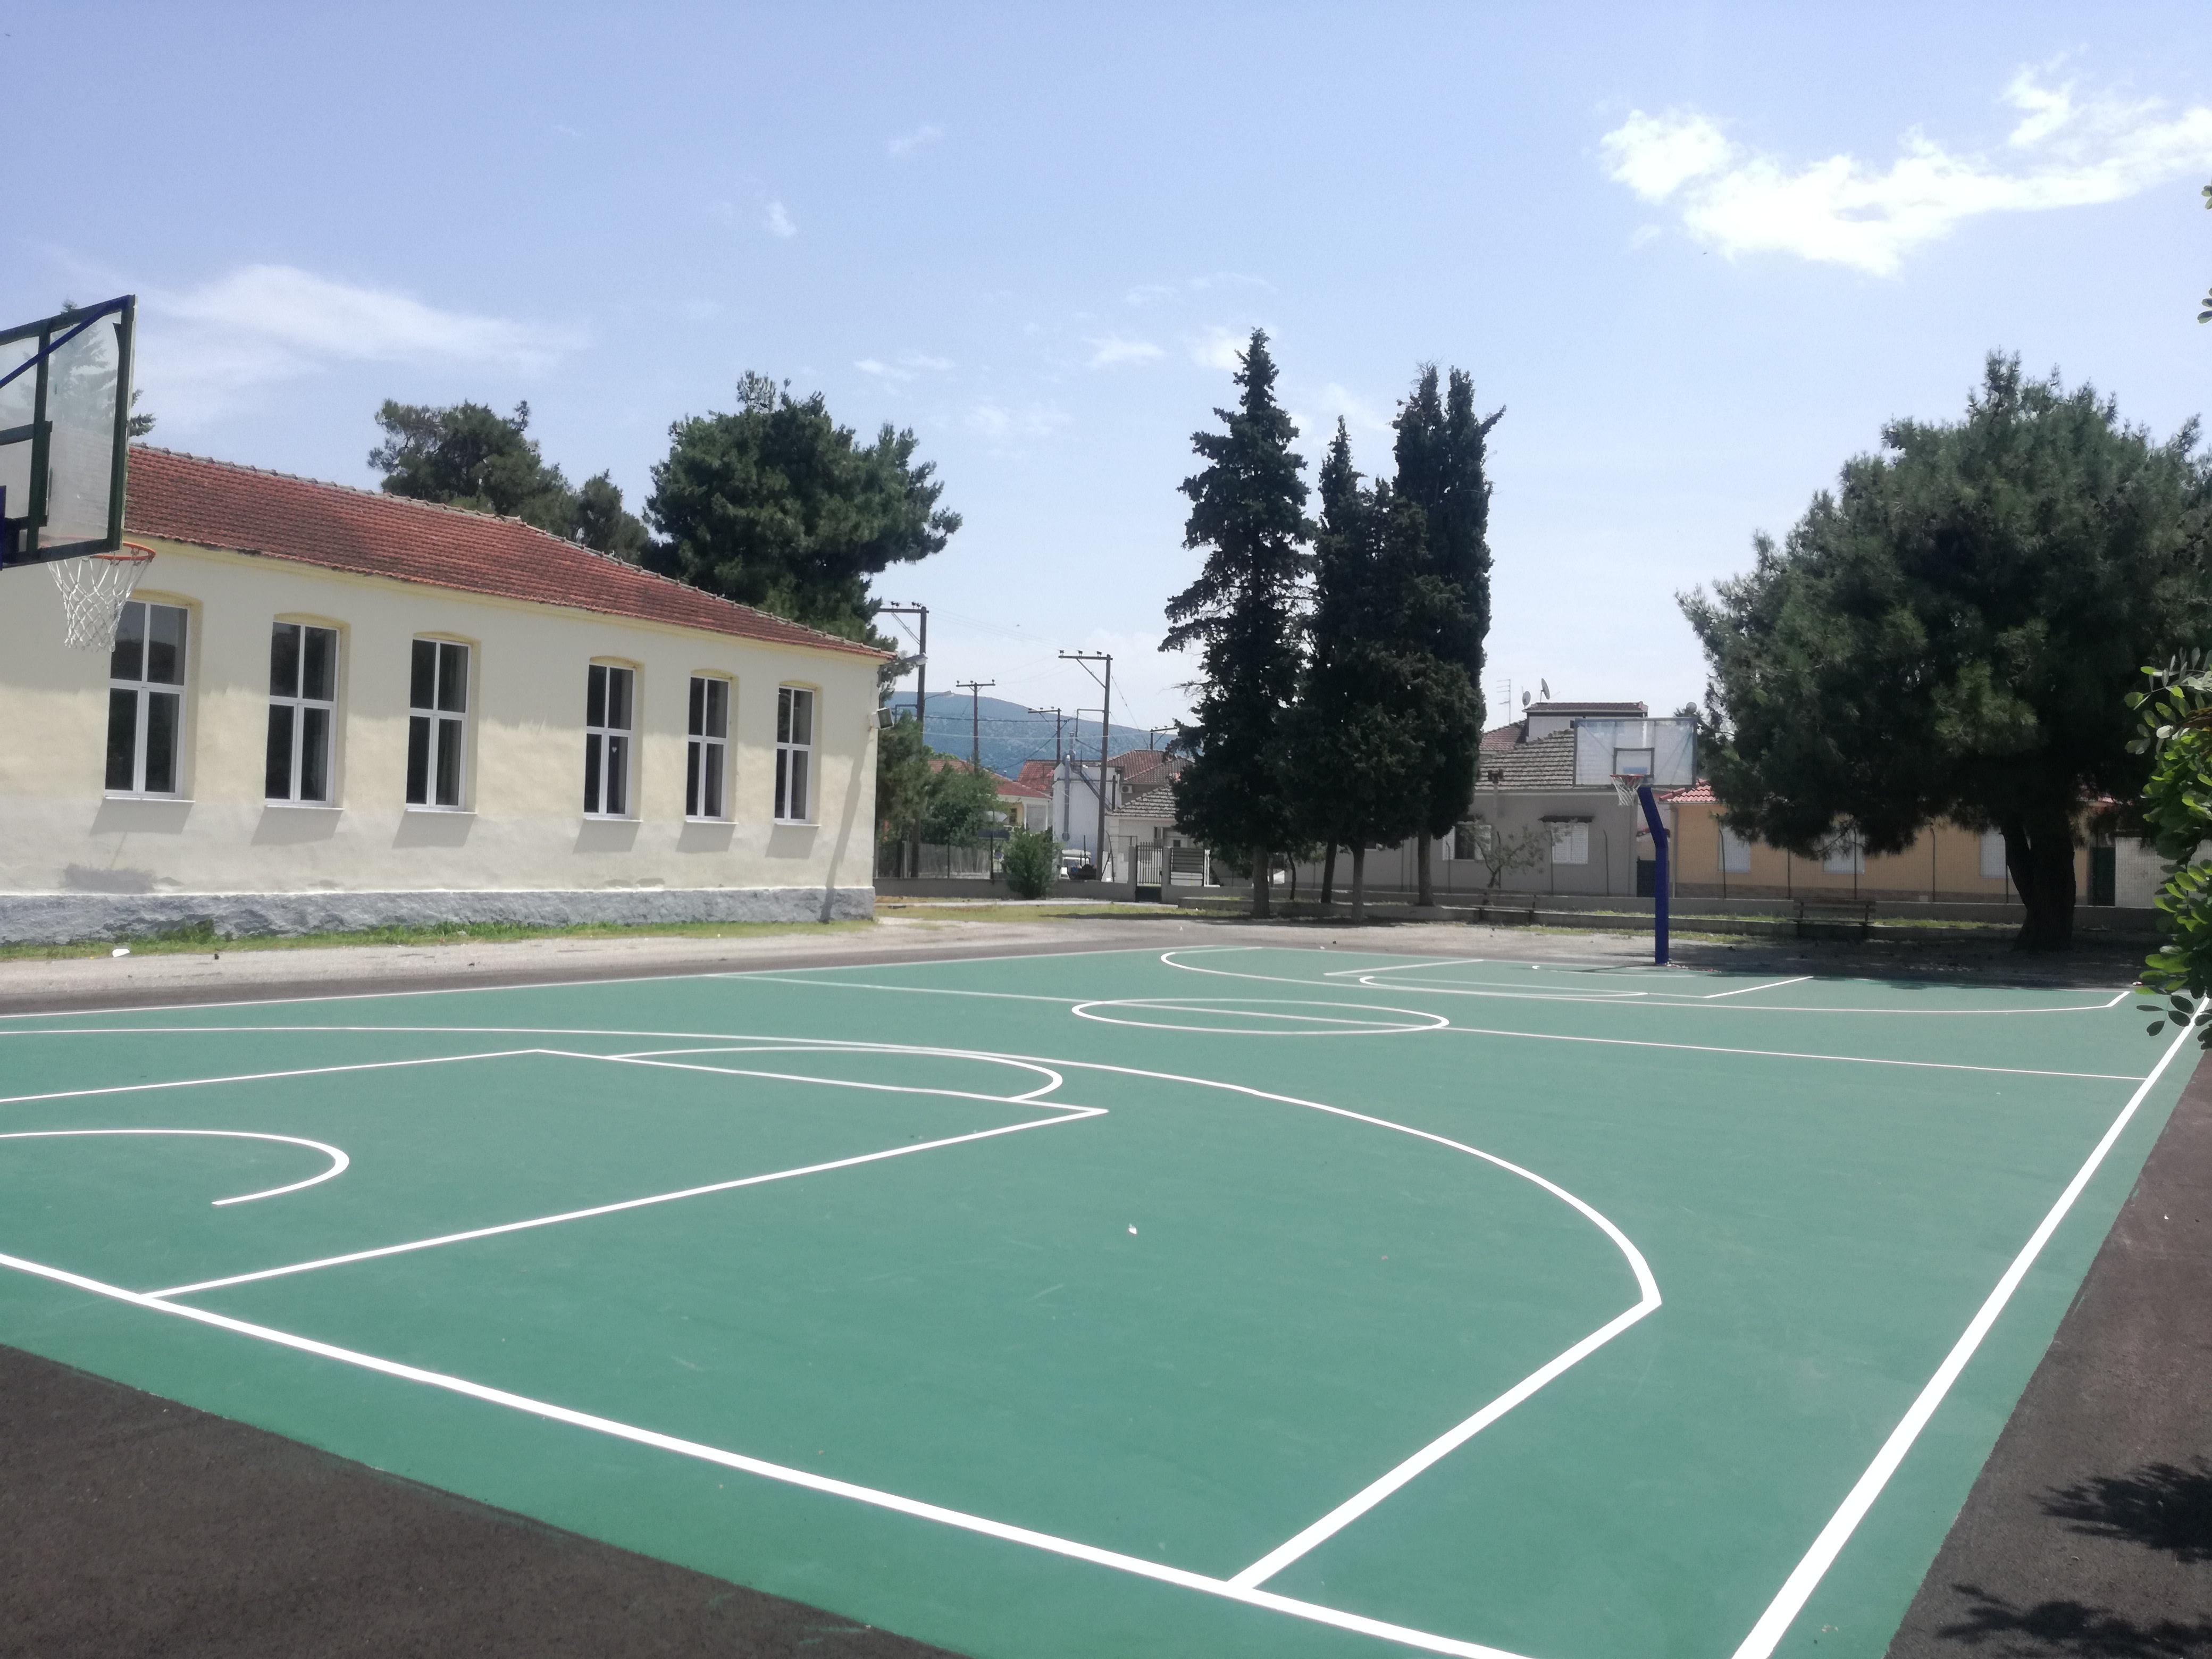 Δάπεδο μπάσκετ με υλικά προδιαγραφών (ITF)